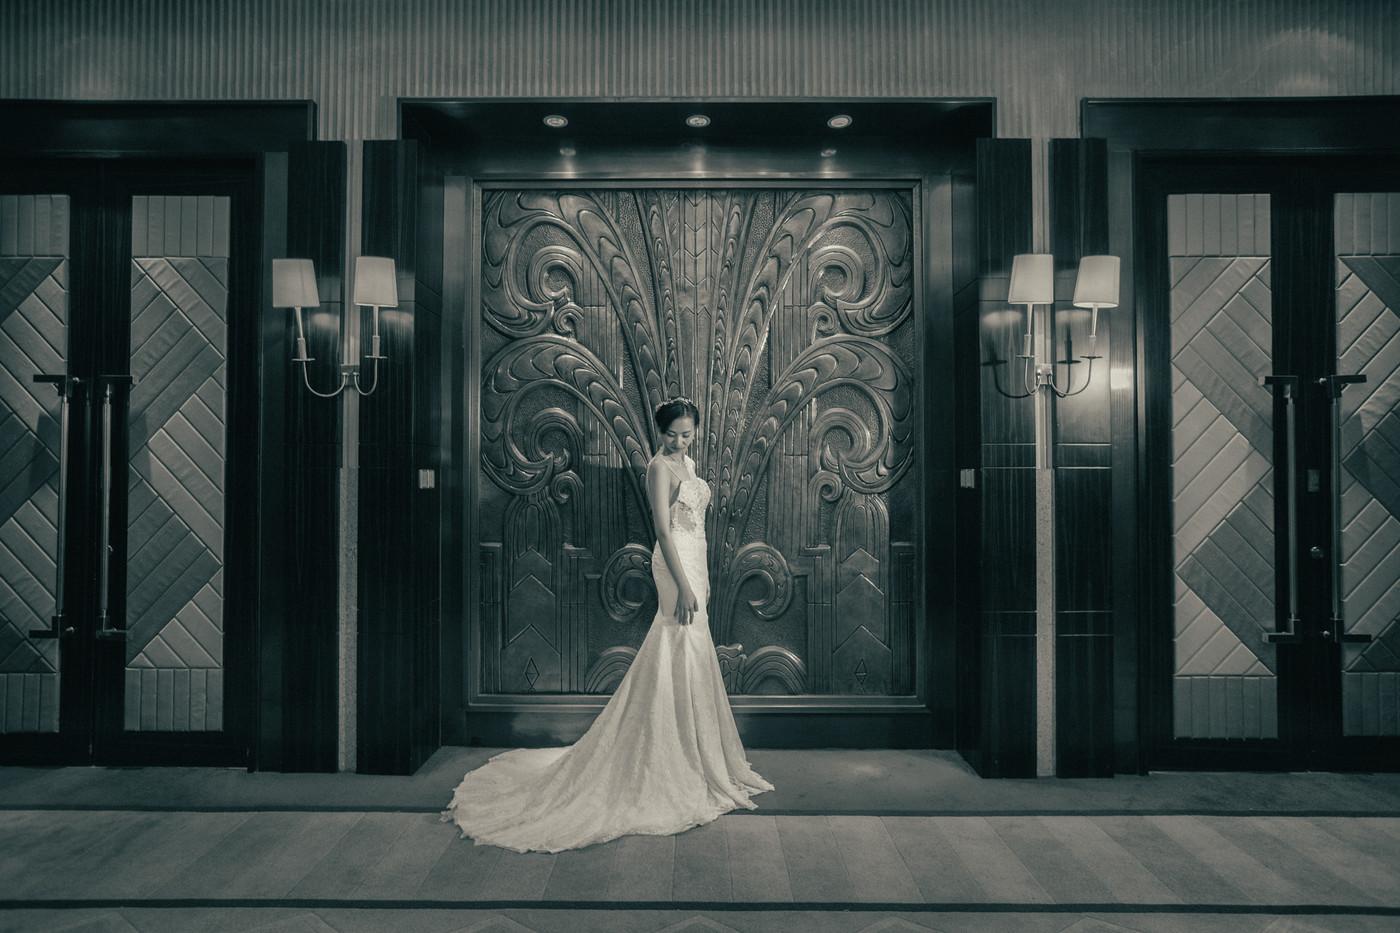 【KAI 婚礼纪实】P&S 南京婚礼46